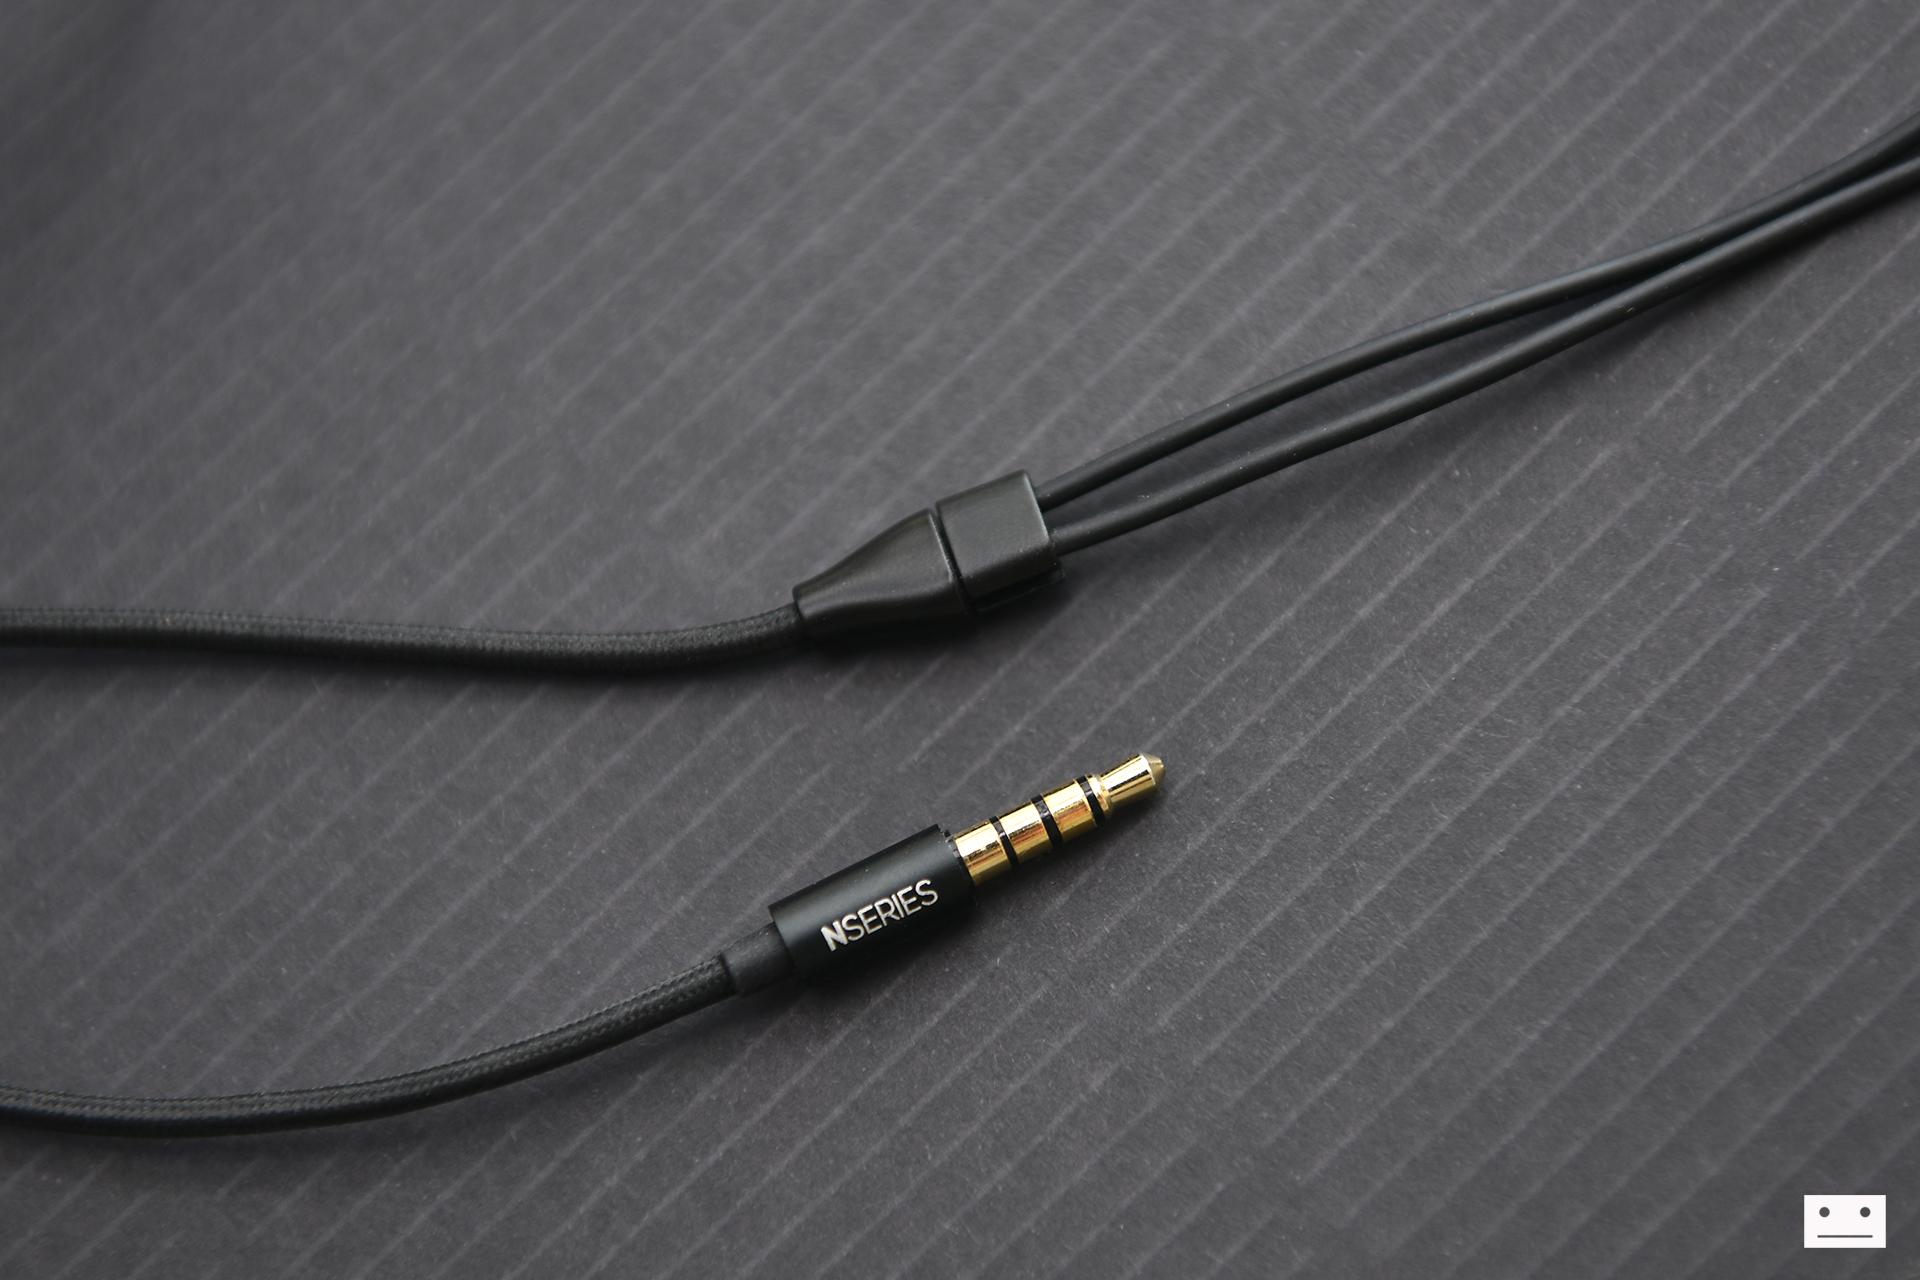 akg n20 earphone review (5)